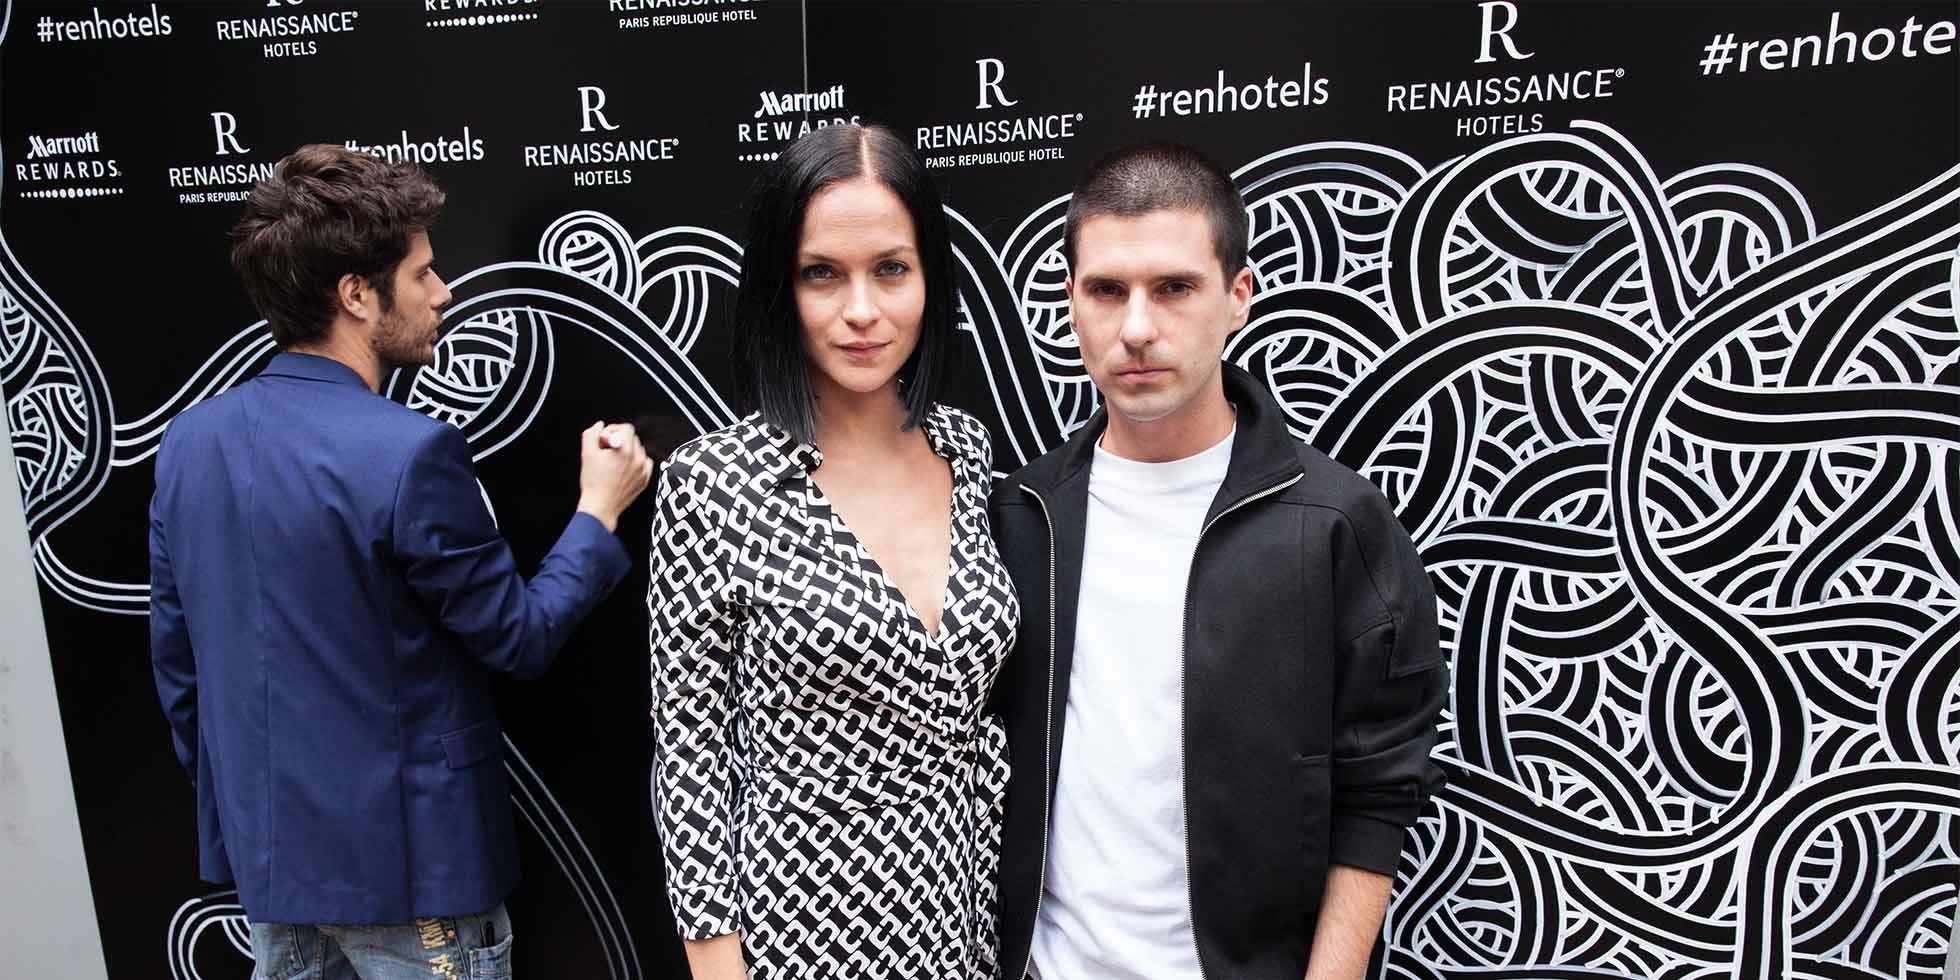 Renaissance Paris Republique Hotel debuts at Paris' the 'Bobo' Republique neighborhood